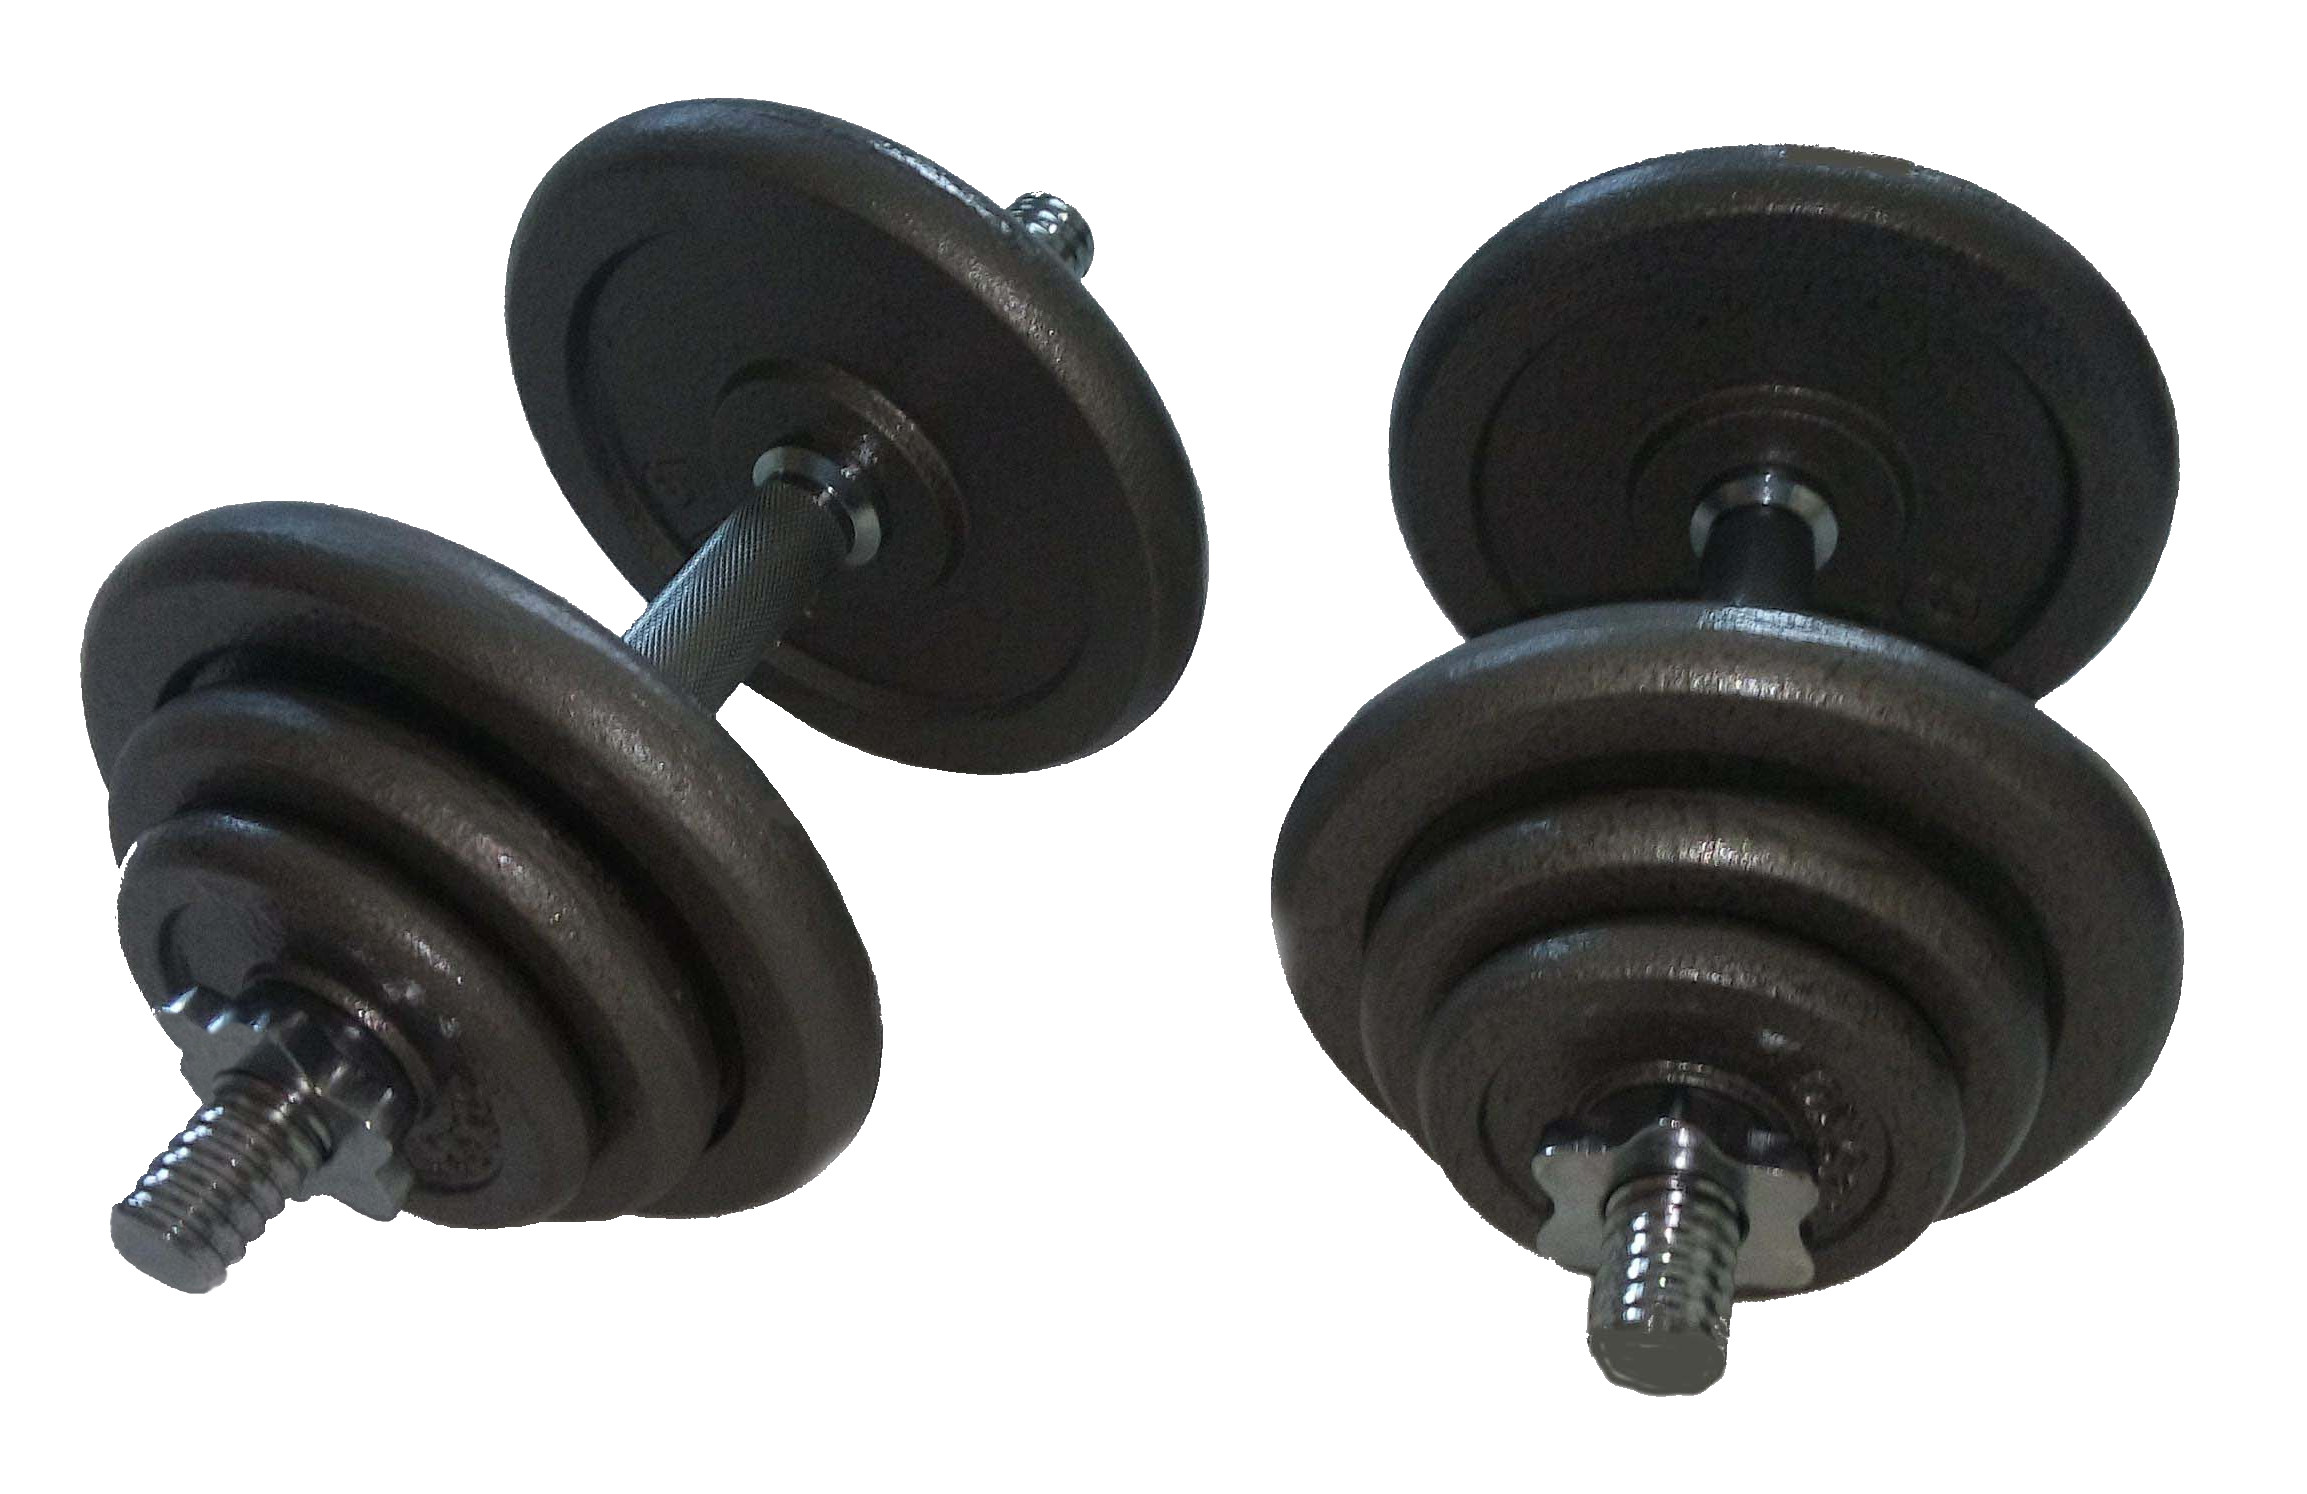 Jednoruční činkový set - 2 x 20 kg